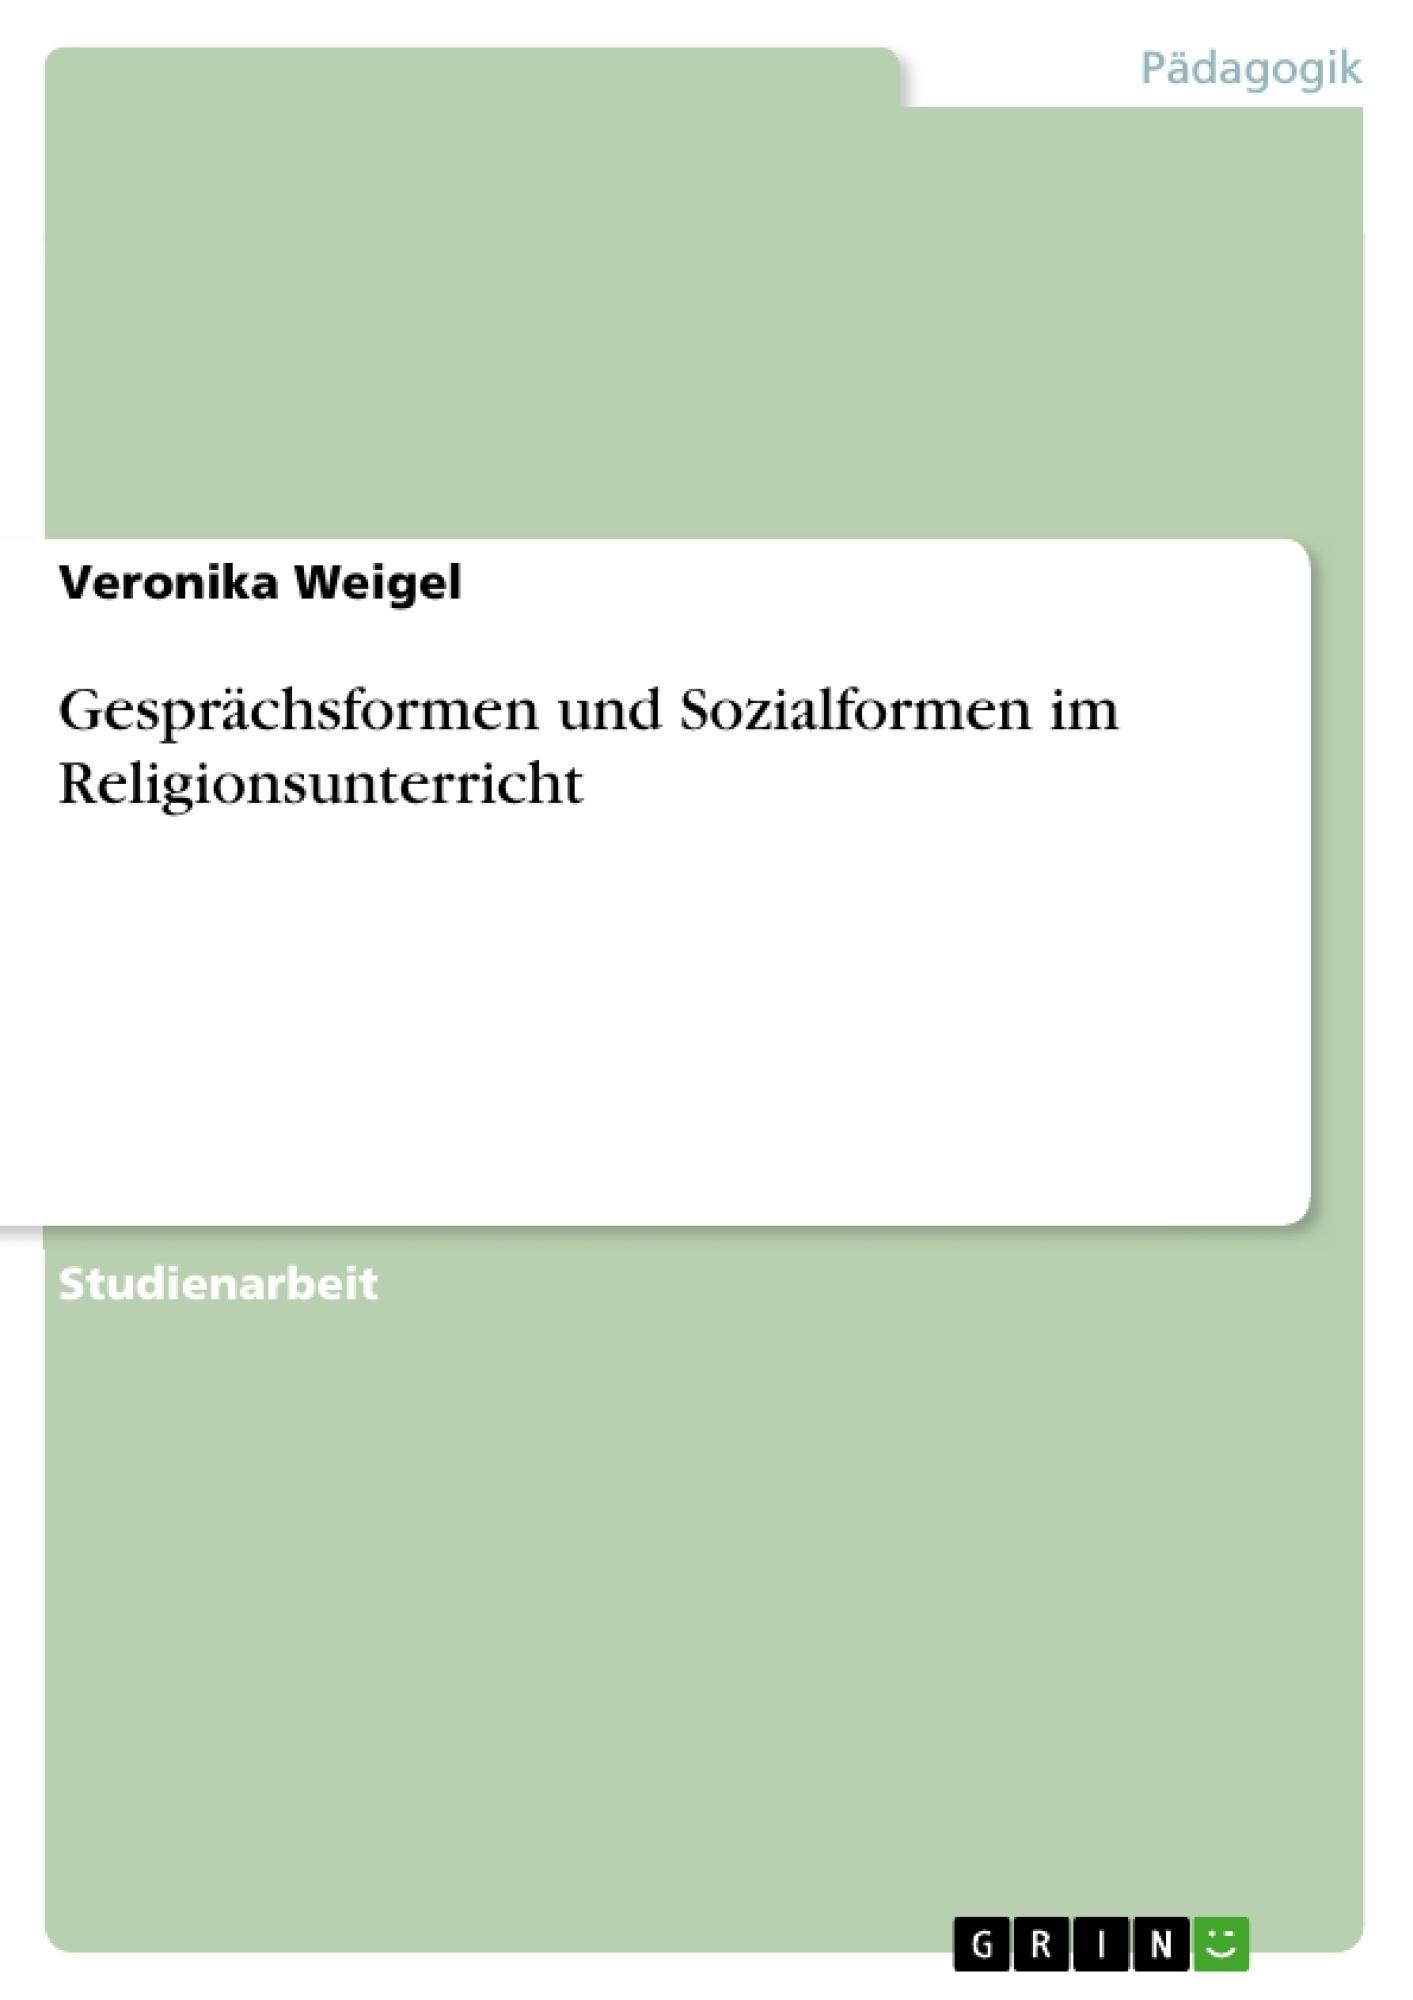 Titel: Gesprächsformen und Sozialformen im Religionsunterricht